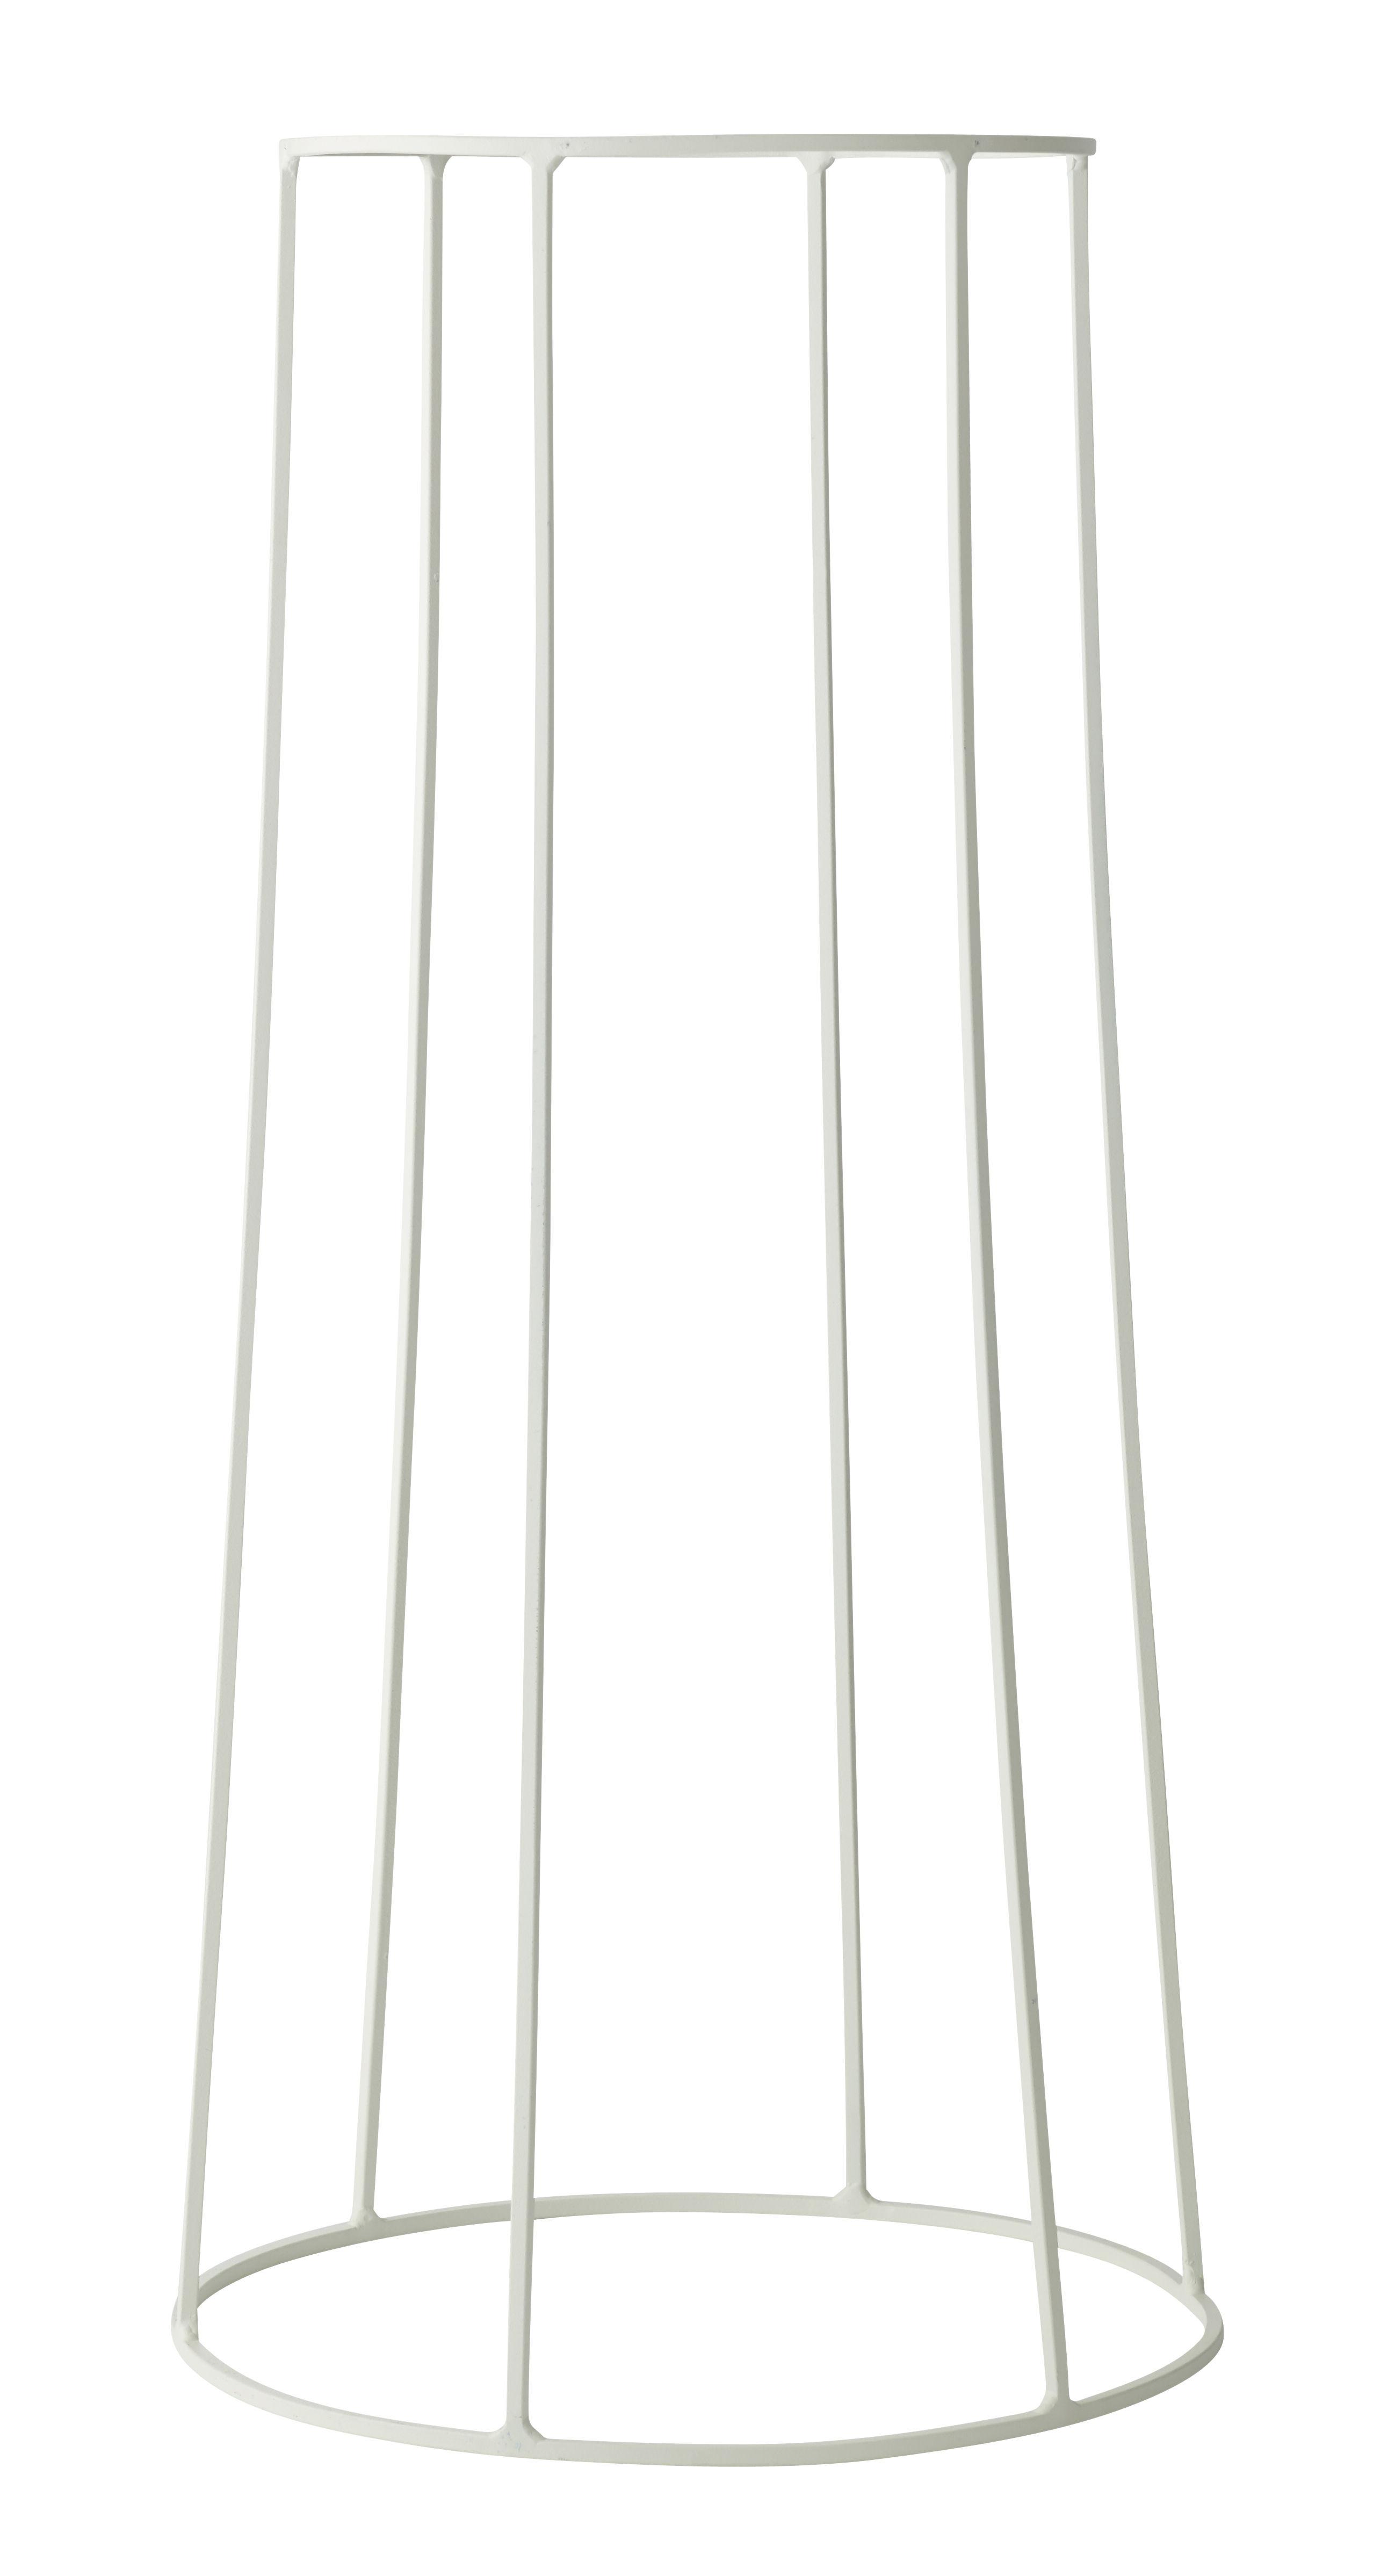 Outdoor - Pots et plantes - Support / H 60 cm - Pour pot et lampe à huile Wire - Menu - Blanc - Acier laqué mat